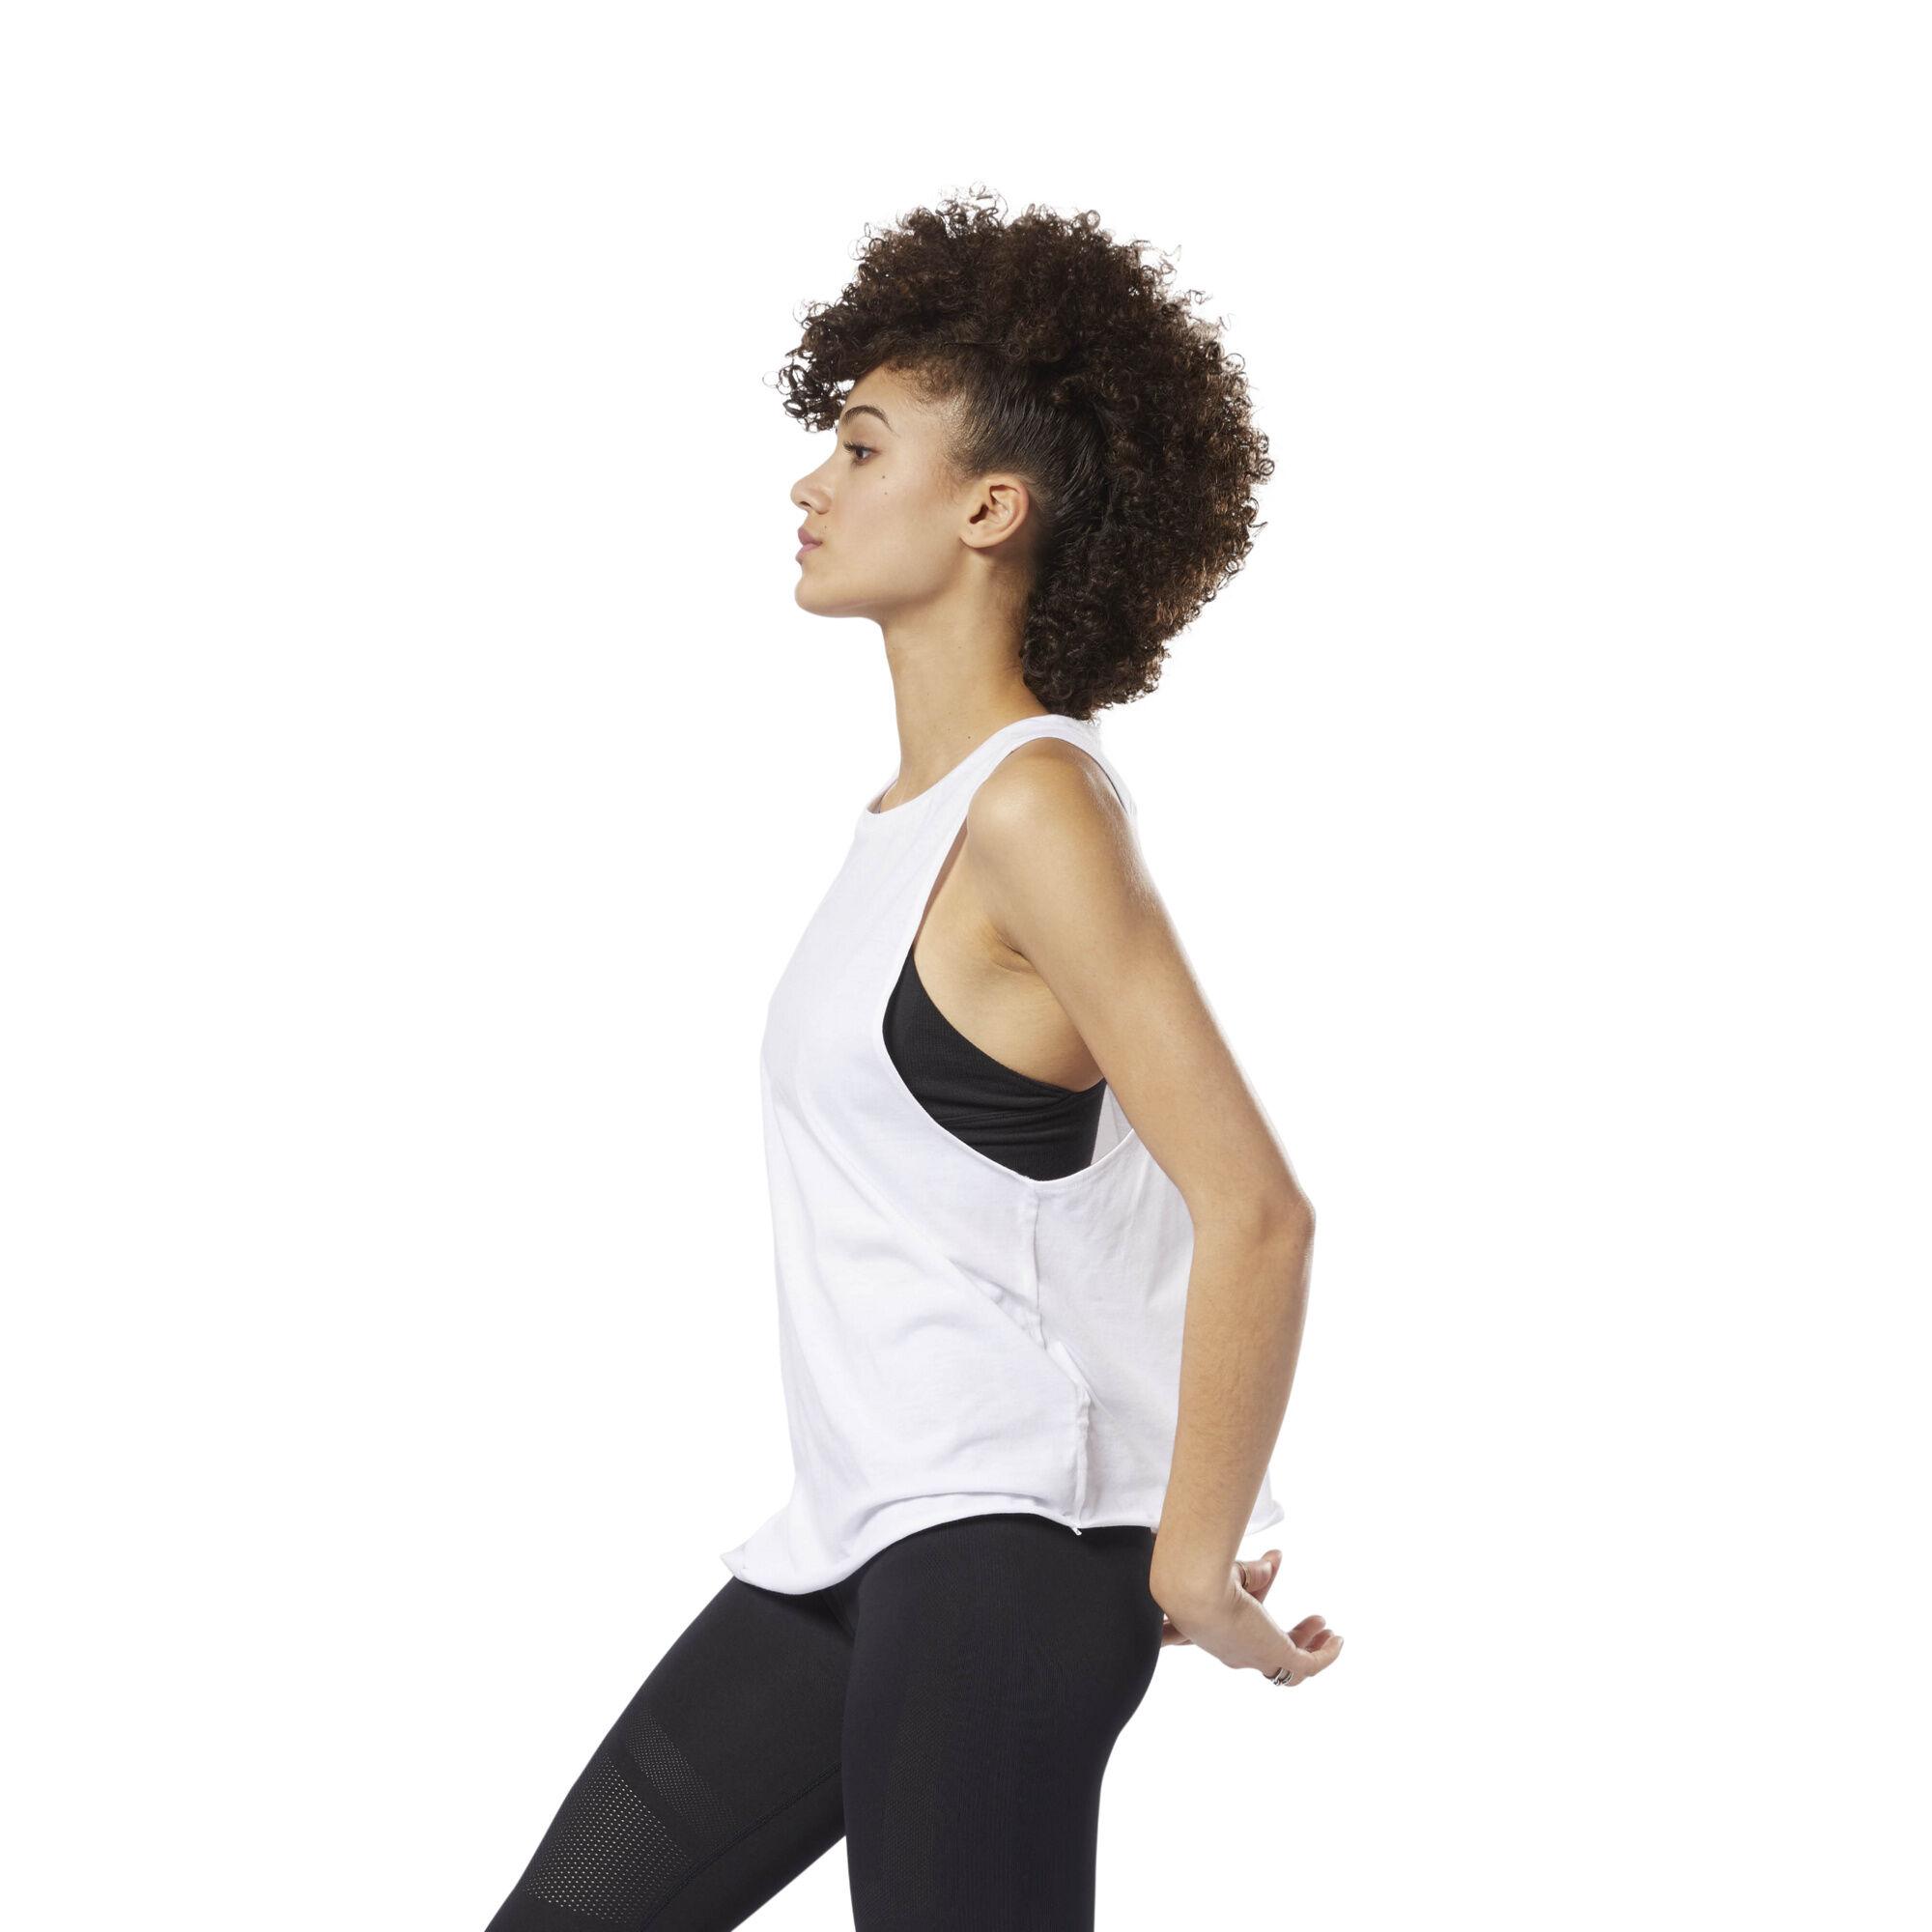 Women Reebok Gr Shirts White Studio Tops amp; wXrXzqA